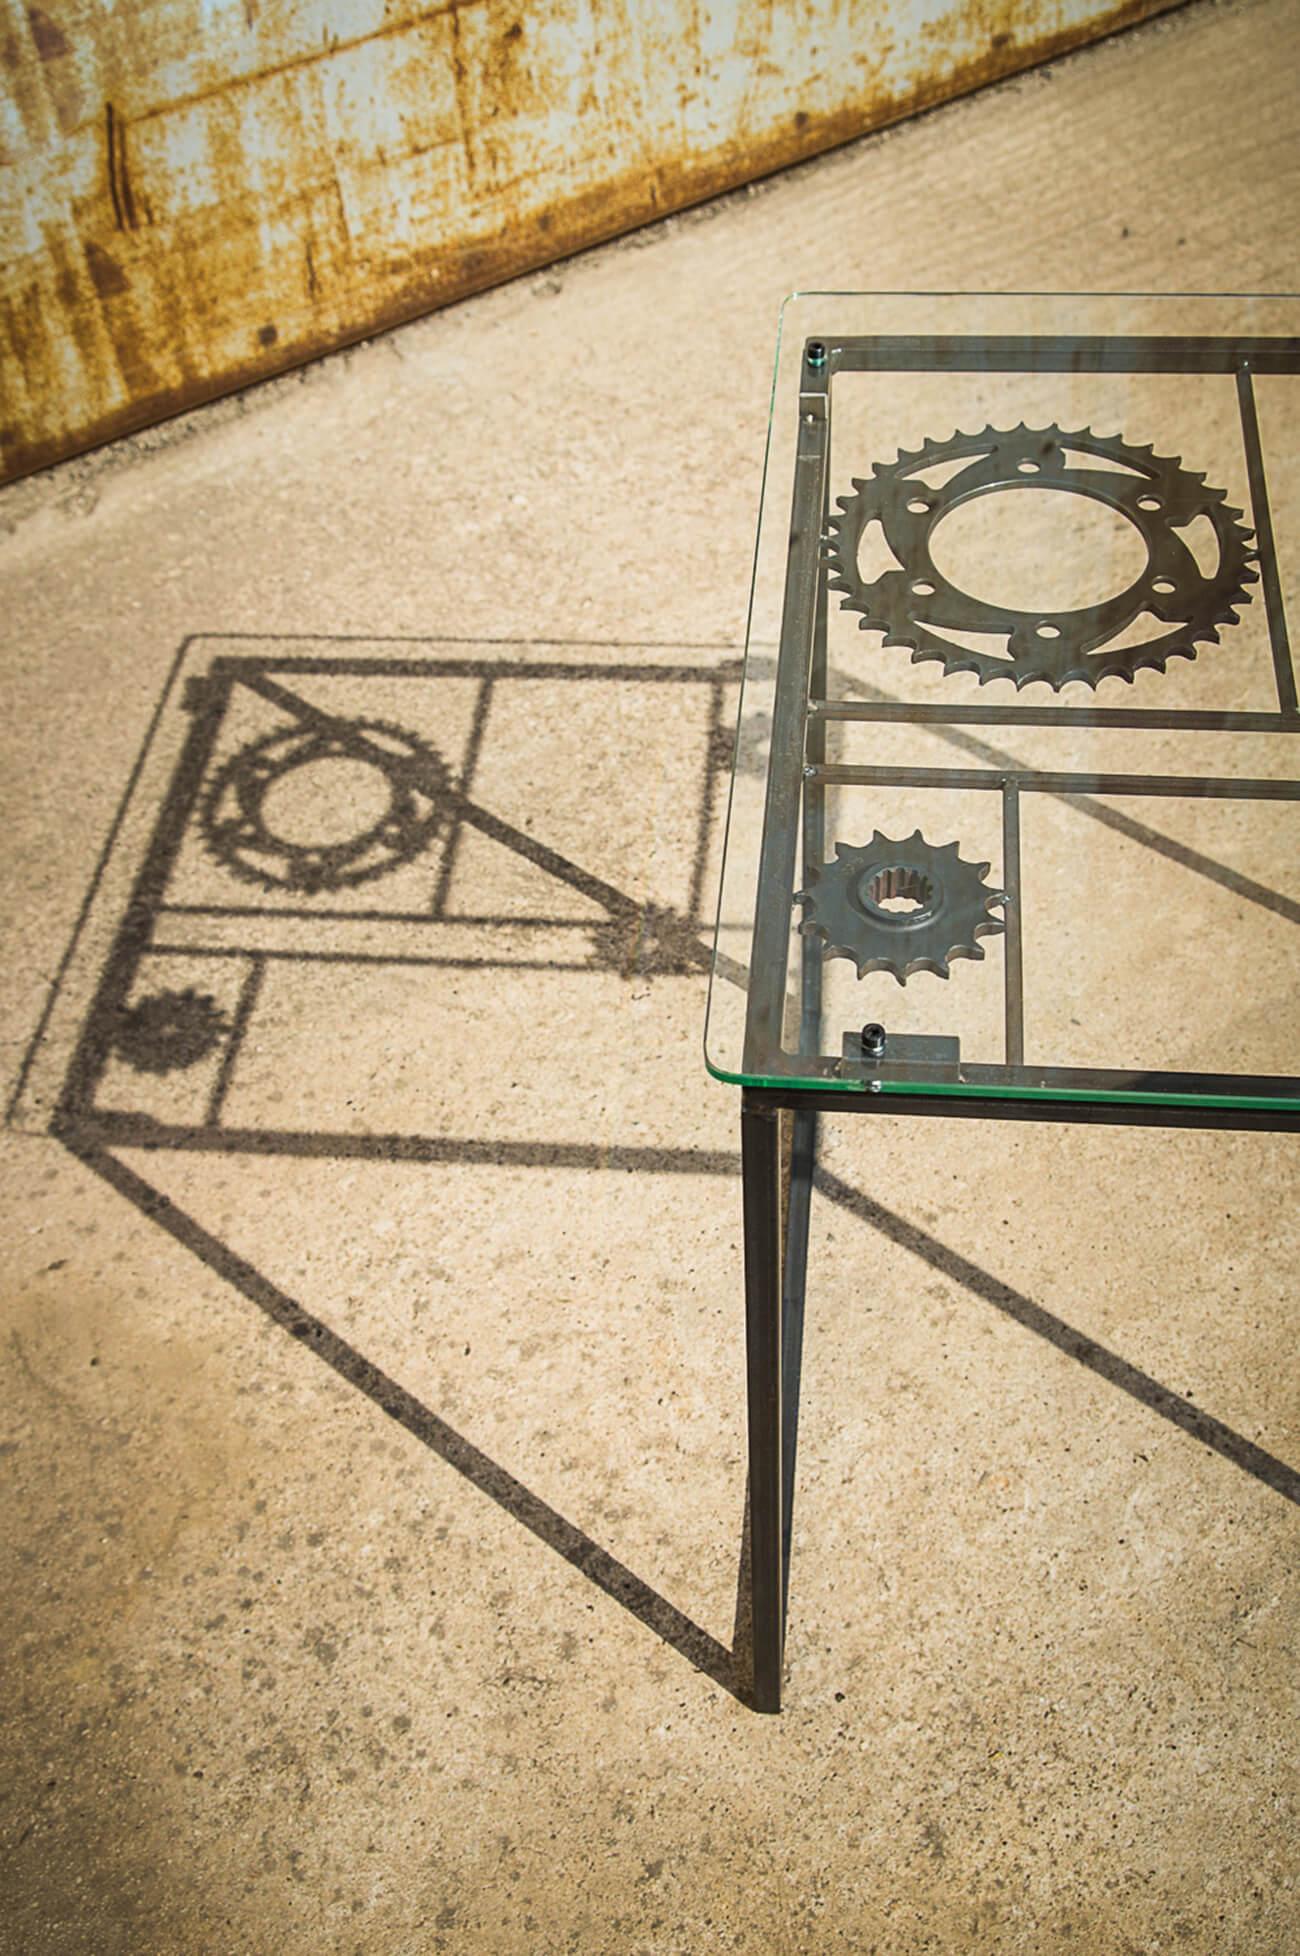 table basse en metal, verre et couronnes moto - moitié et ombre portée - Atelier Metal'rine